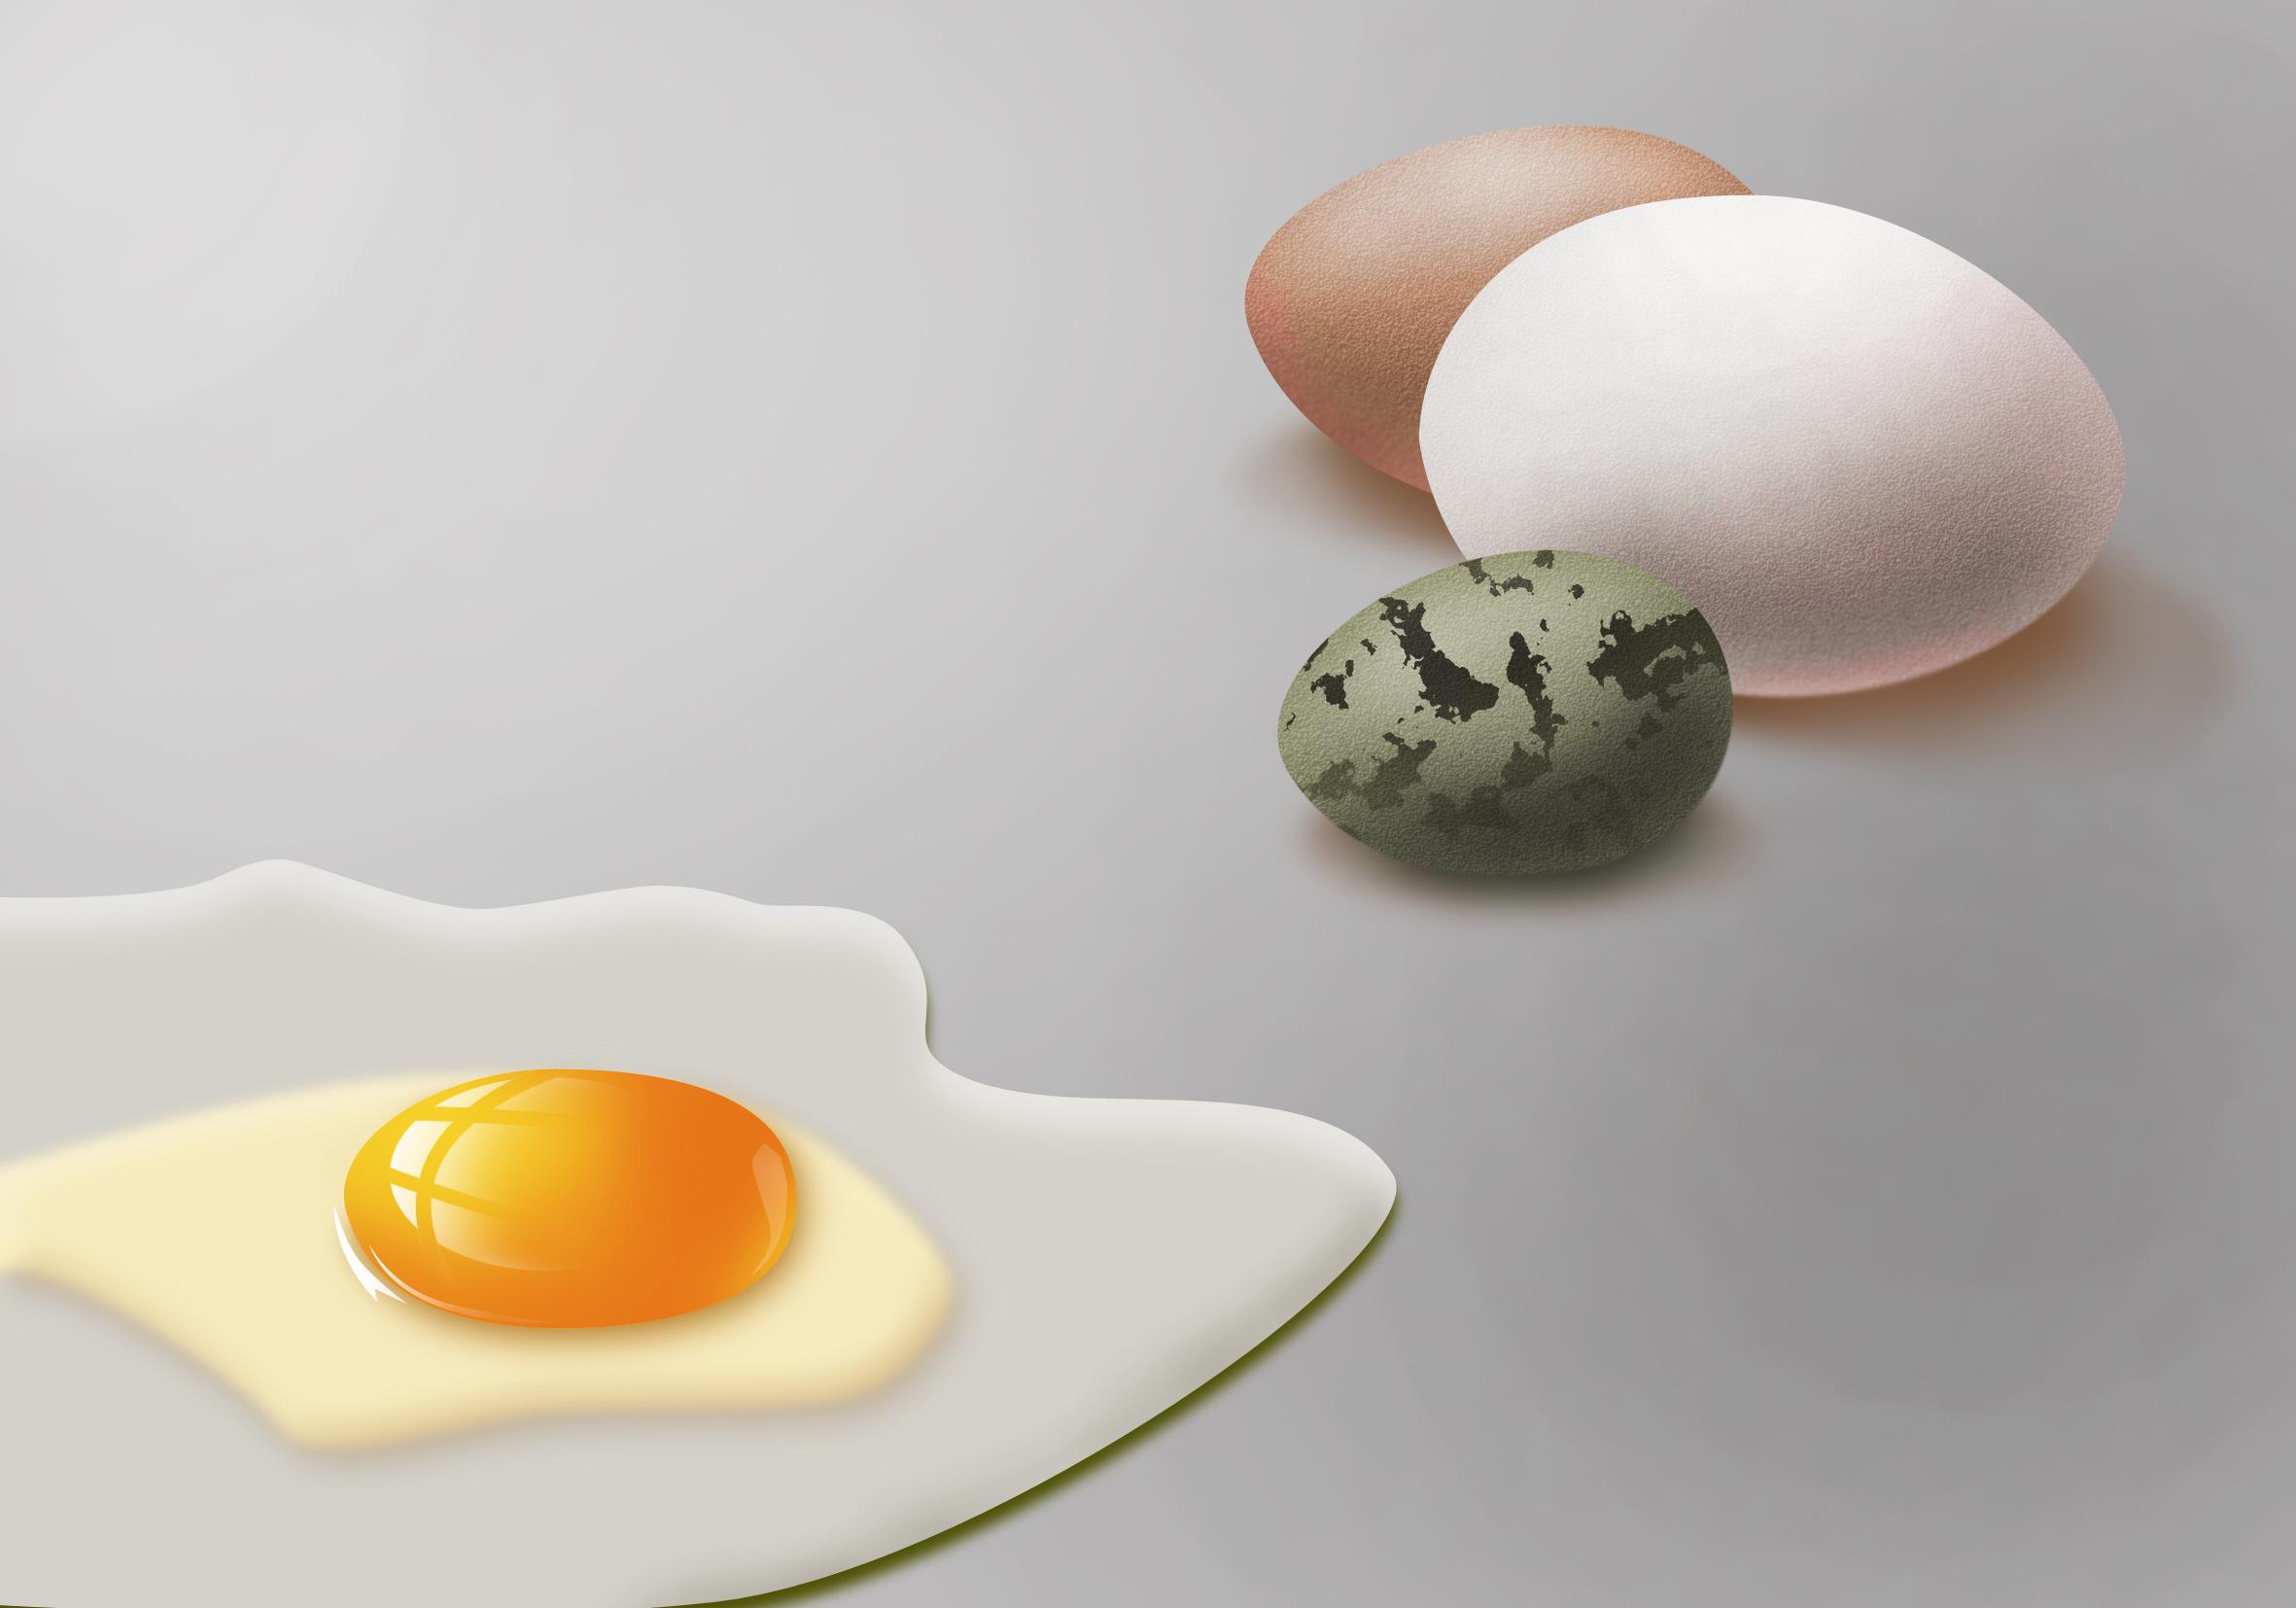 梦见自己有一个个鸡蛋